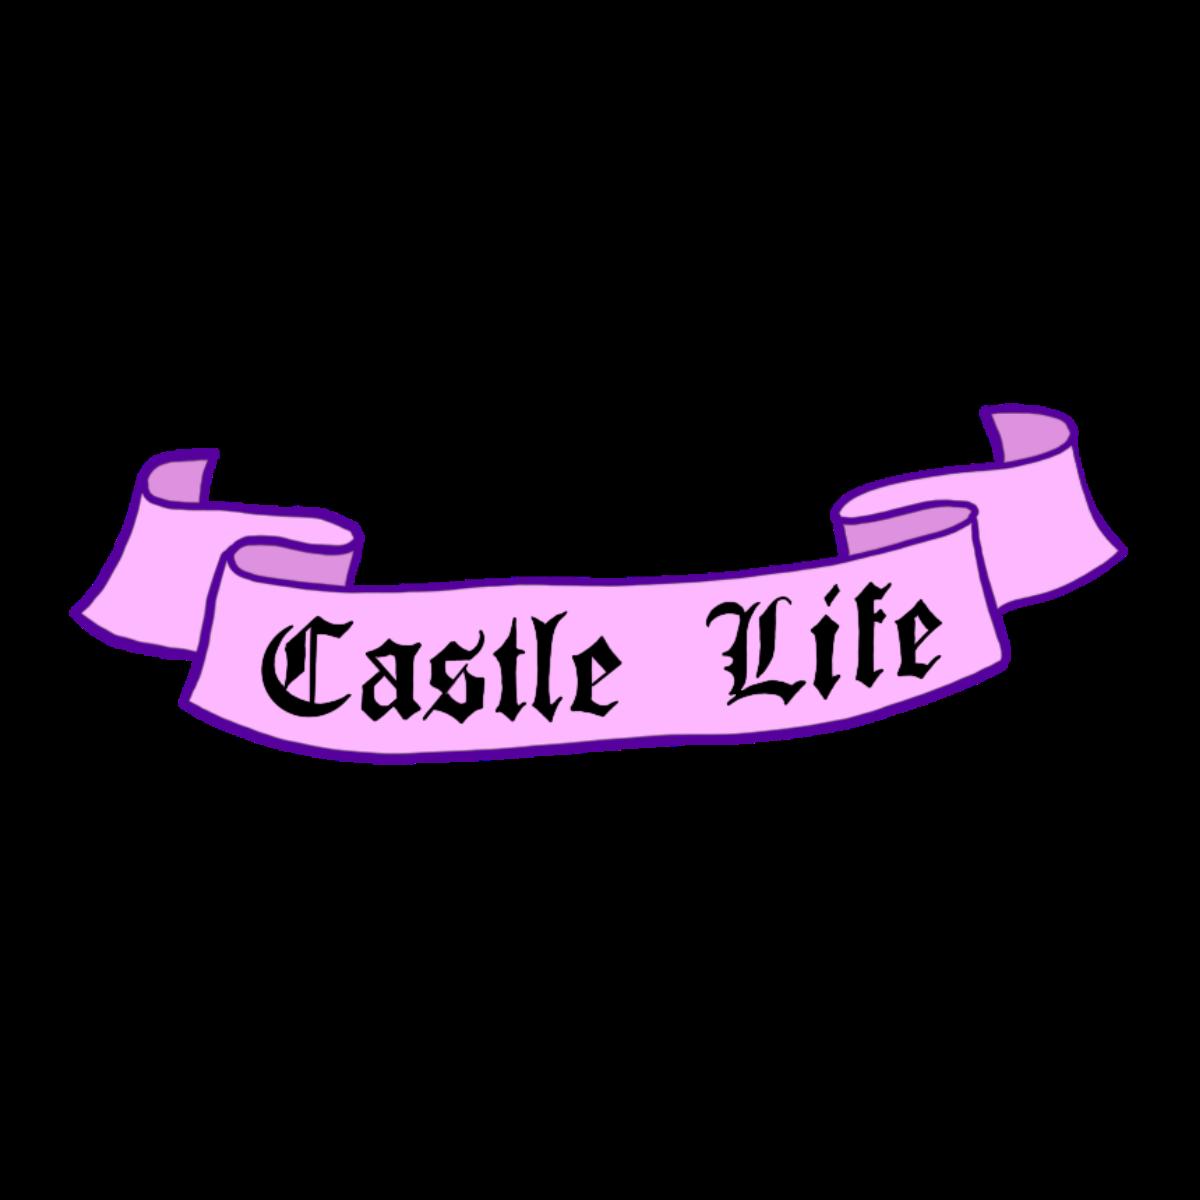 Castle Life messages sticker-5